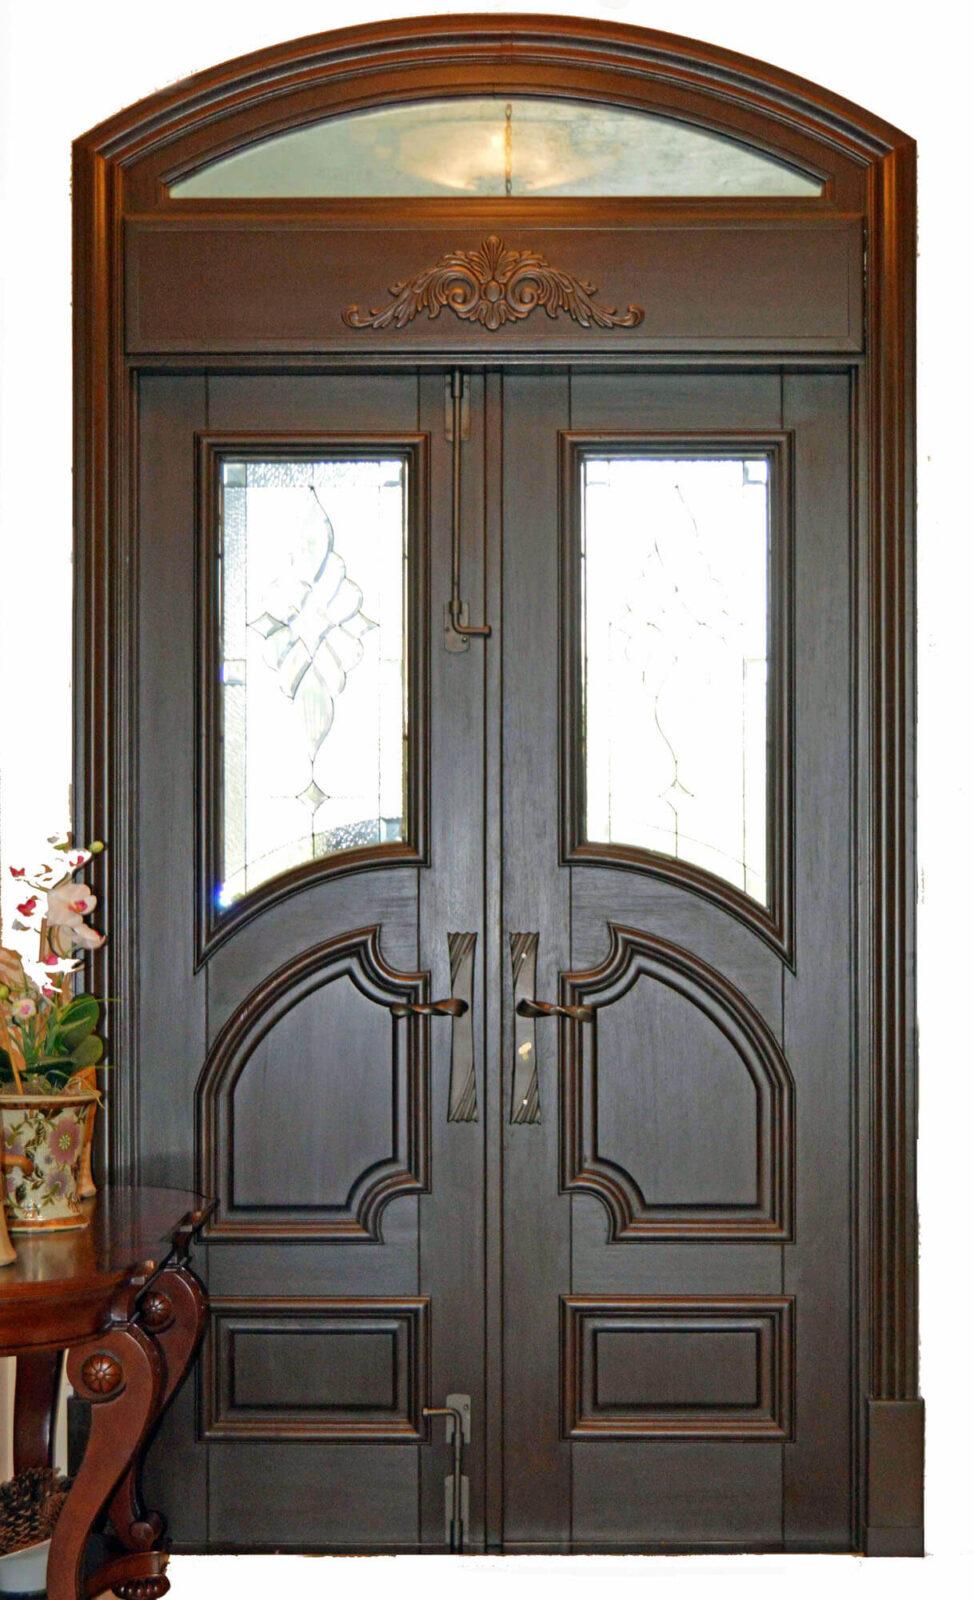 PALM BEACH MAHOGANY ENTRY DOOR.